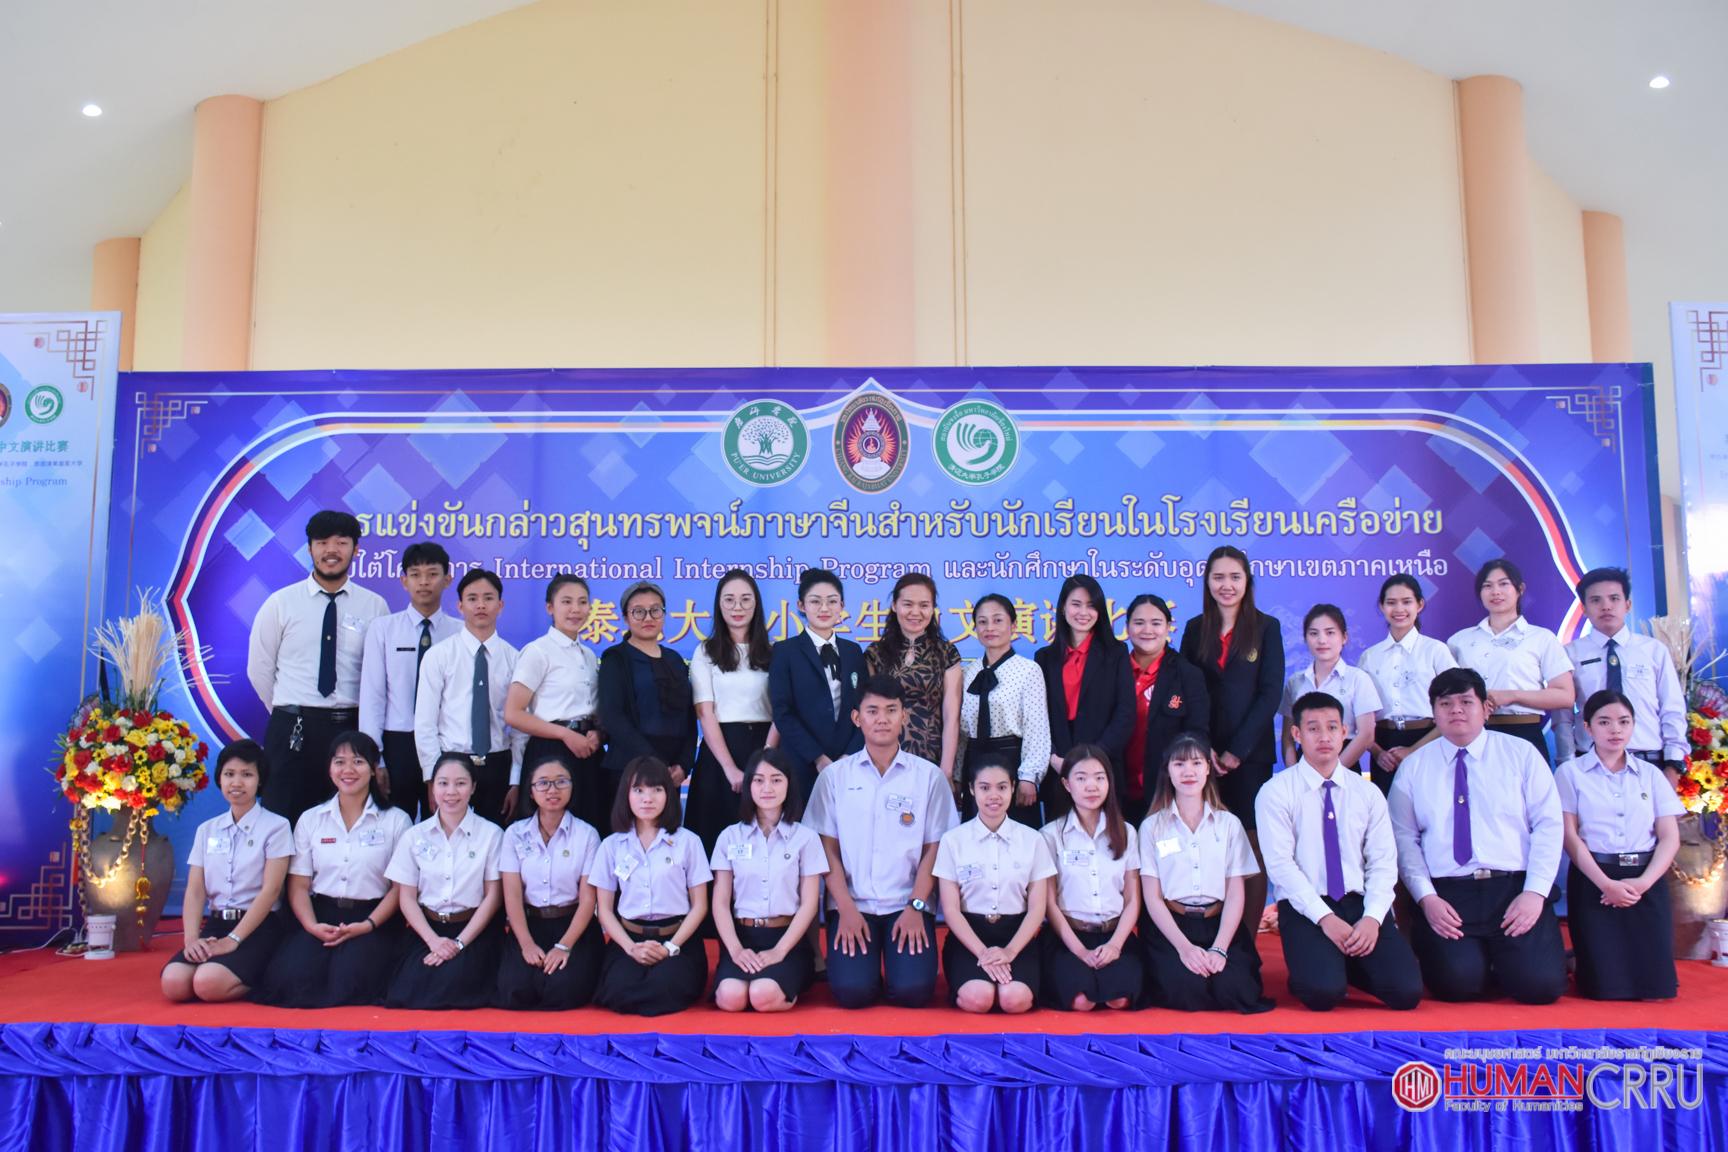 การแข่งขันกล่าวสุนทรพจน์ภาษาจีนสำหรับนักเรียนในโรงเรียนเครือข่ายโครงการ IIP